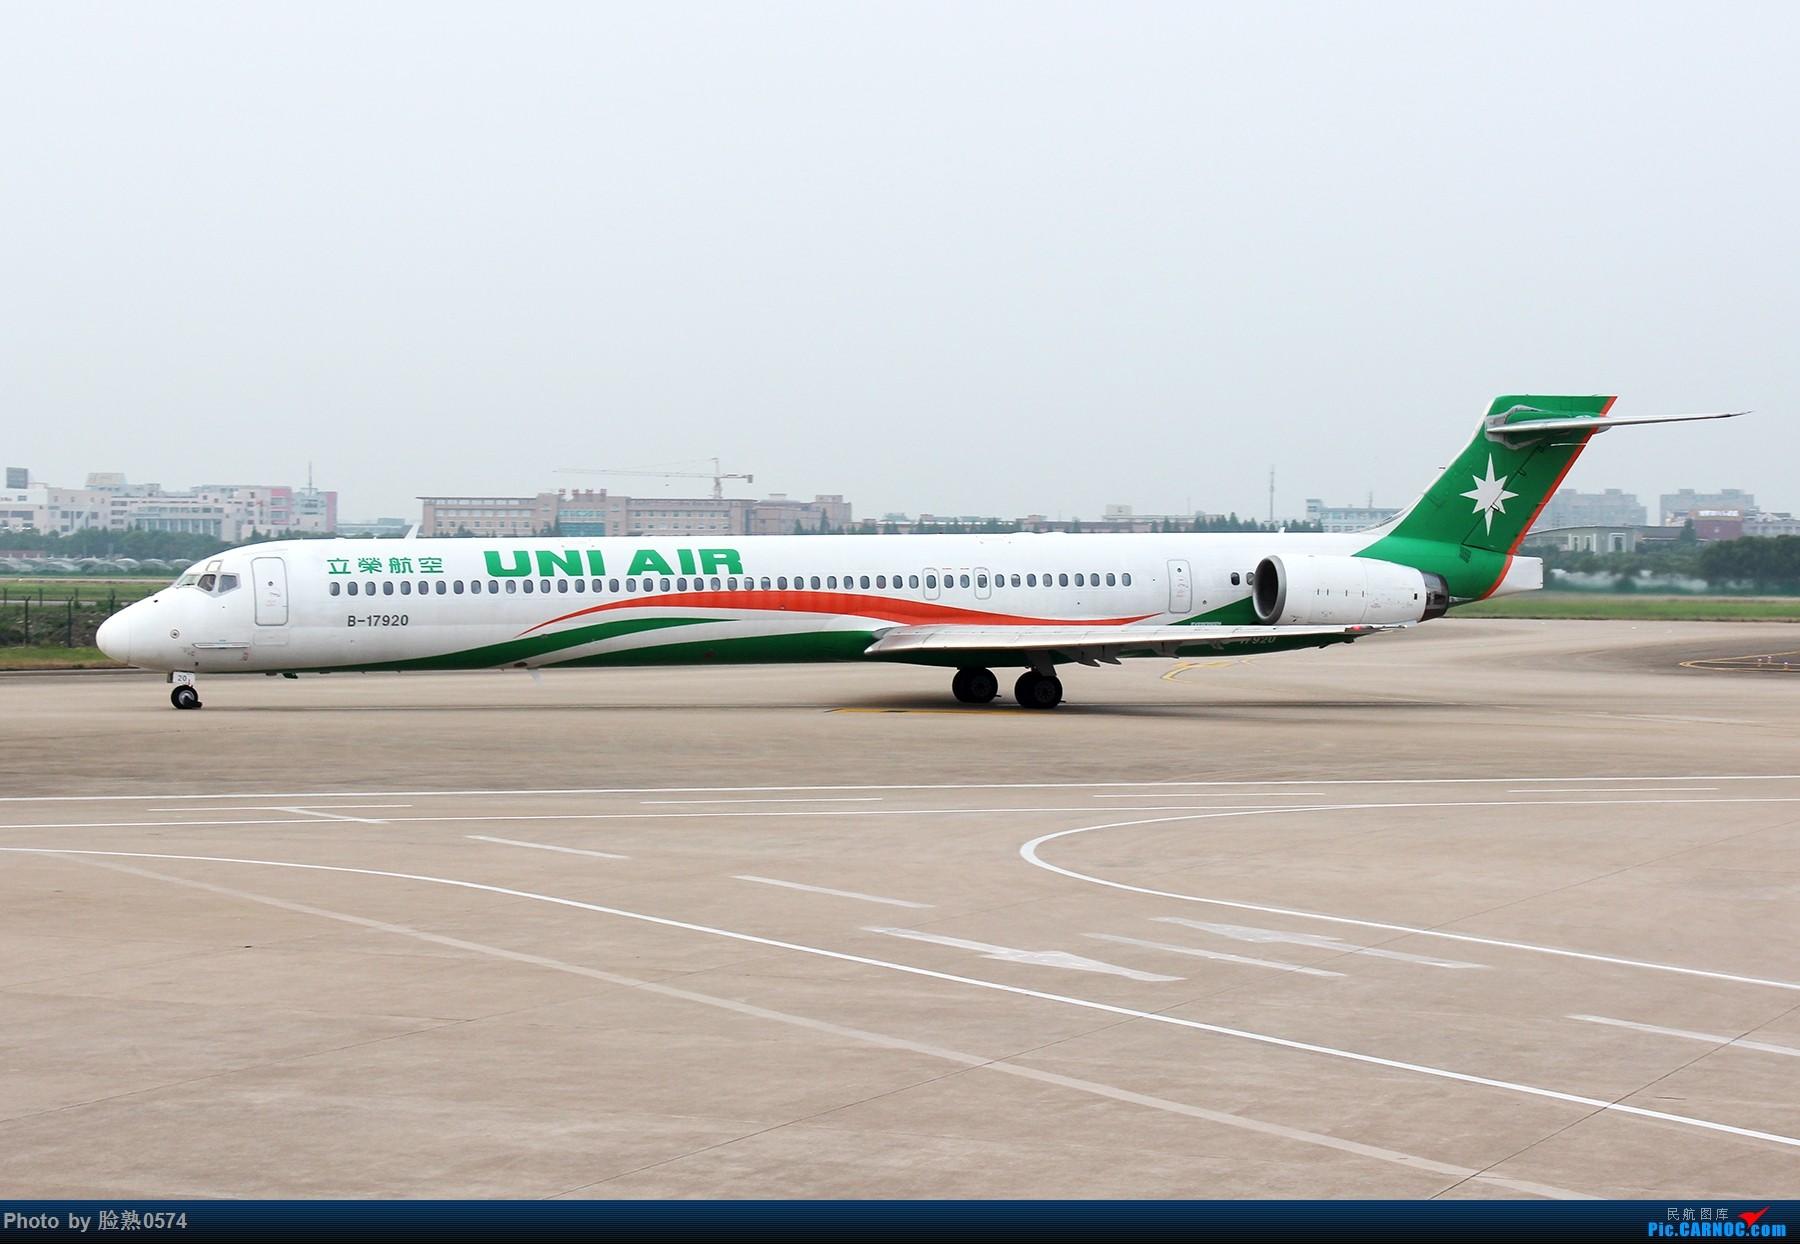 [原创]再见!MD90! MD MD-90-30 B-17920 中国宁波栎社国际机场